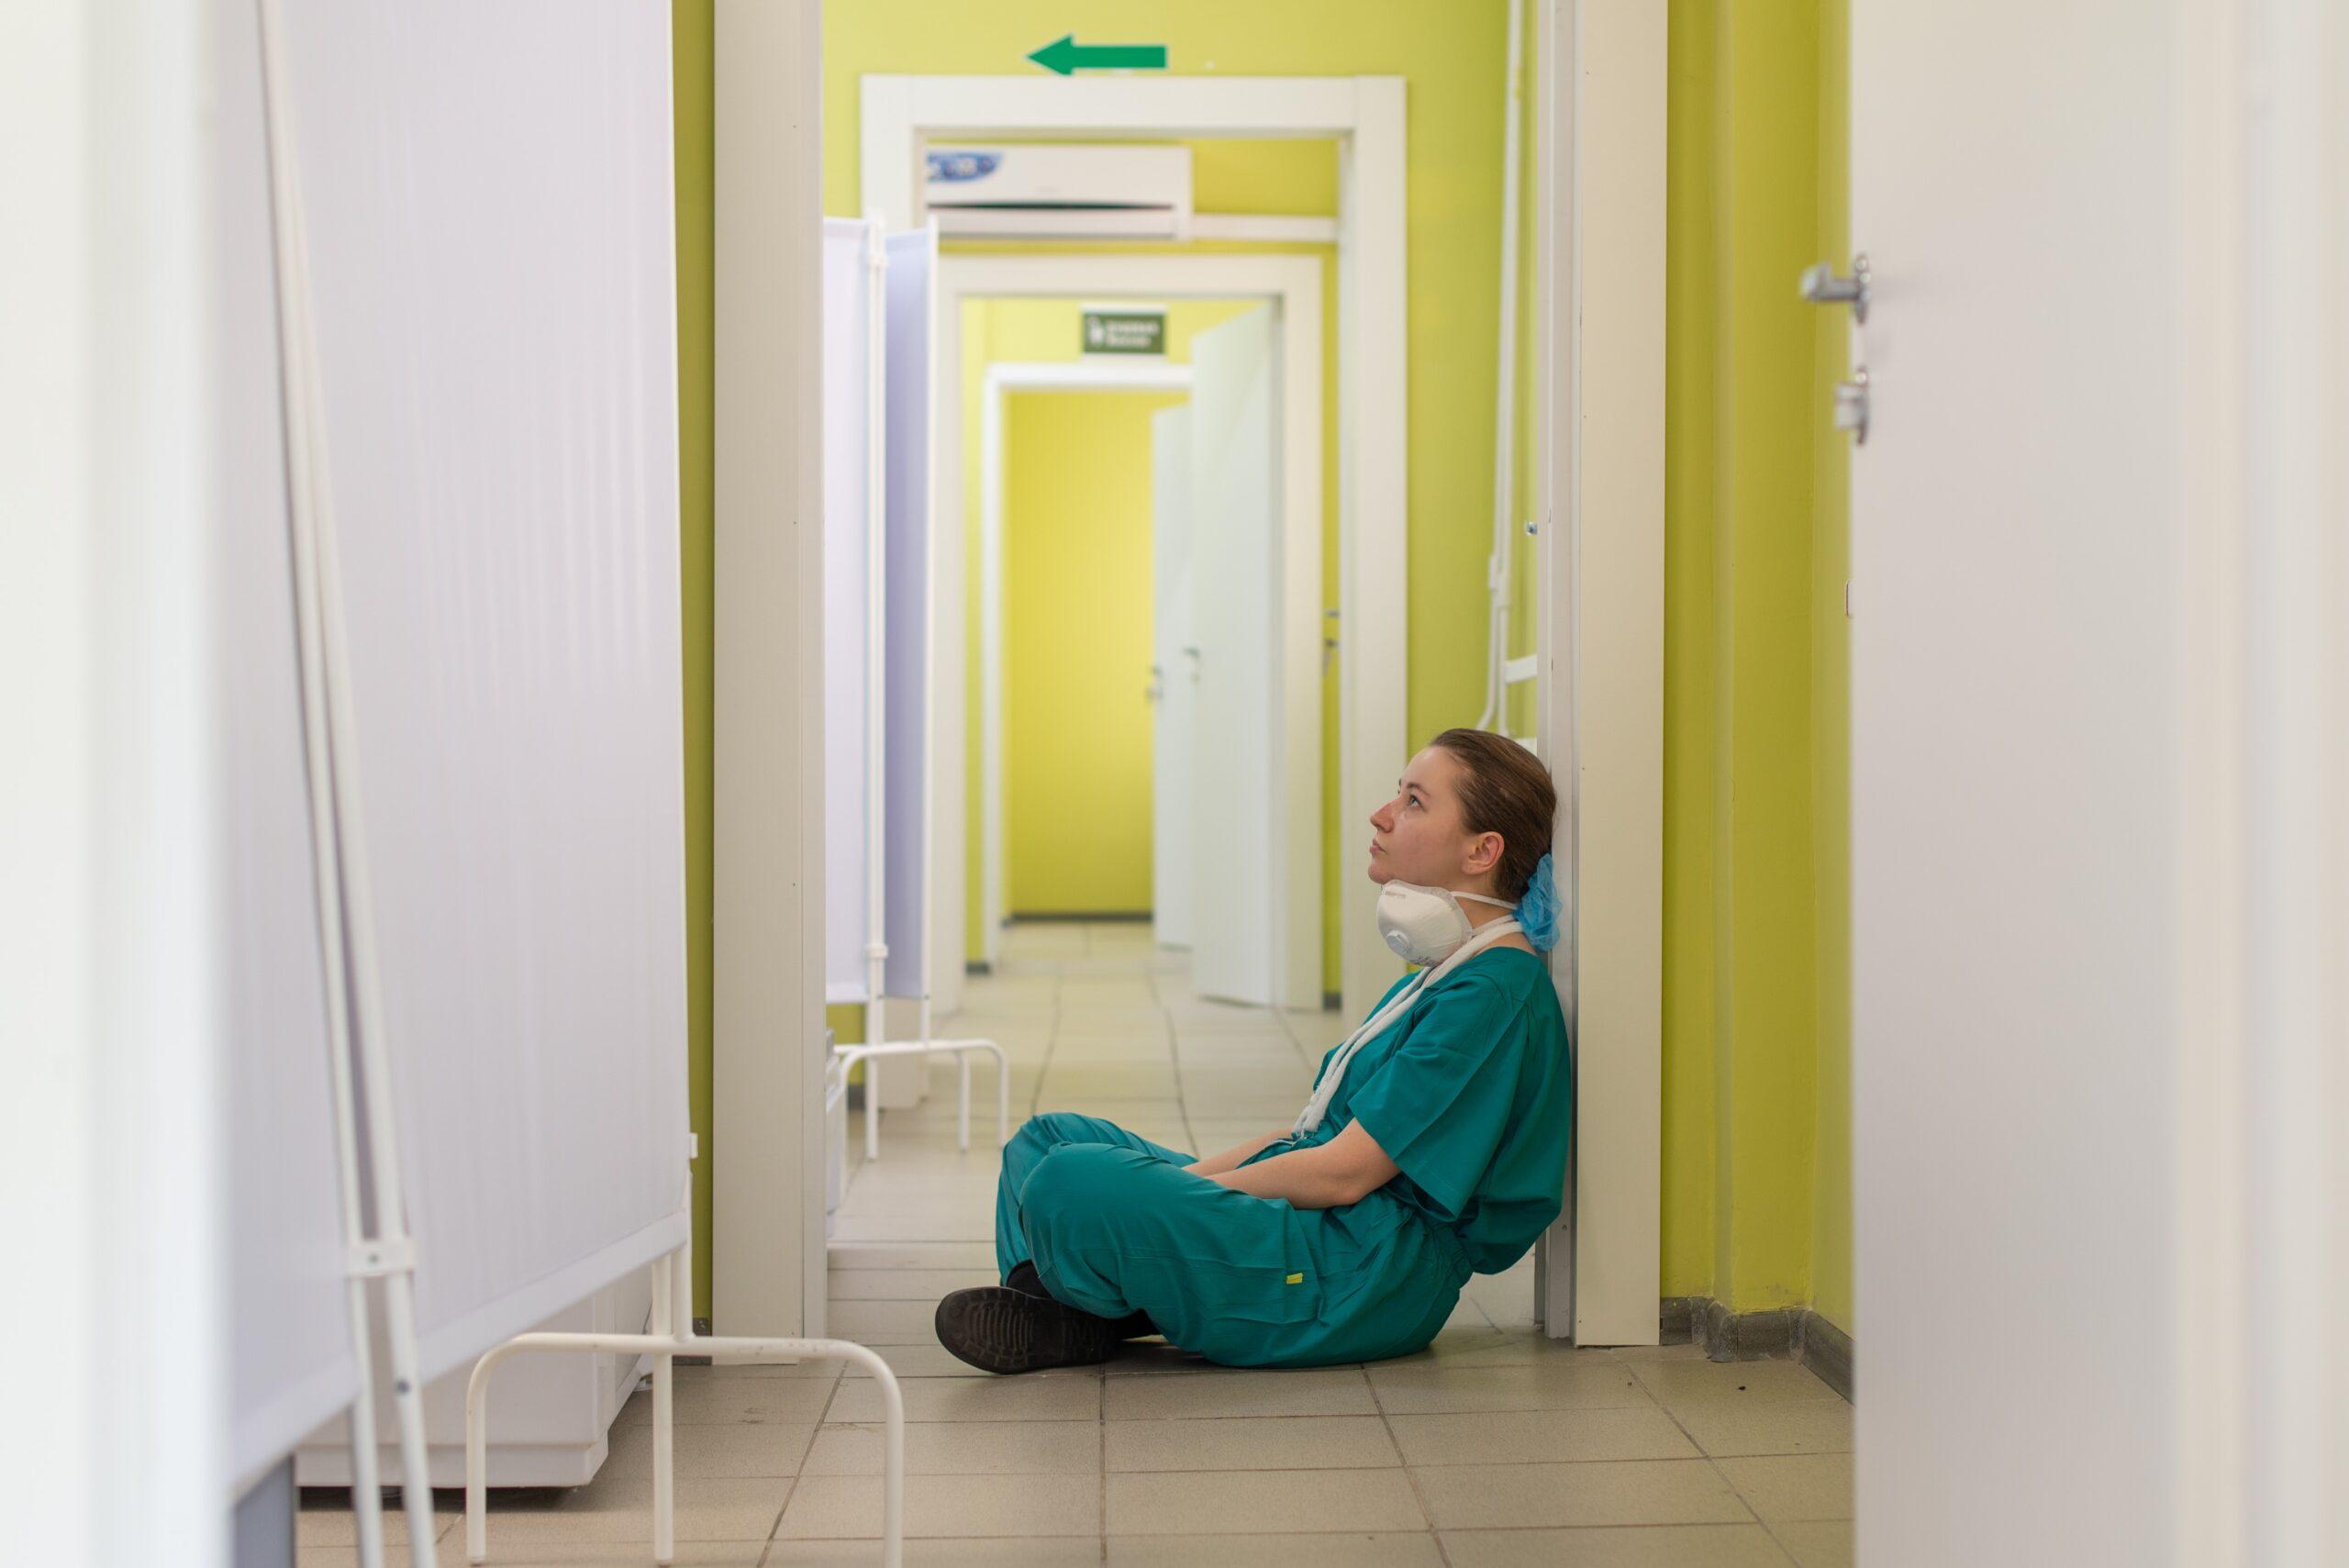 看護師の転職における転職理由を考える男性